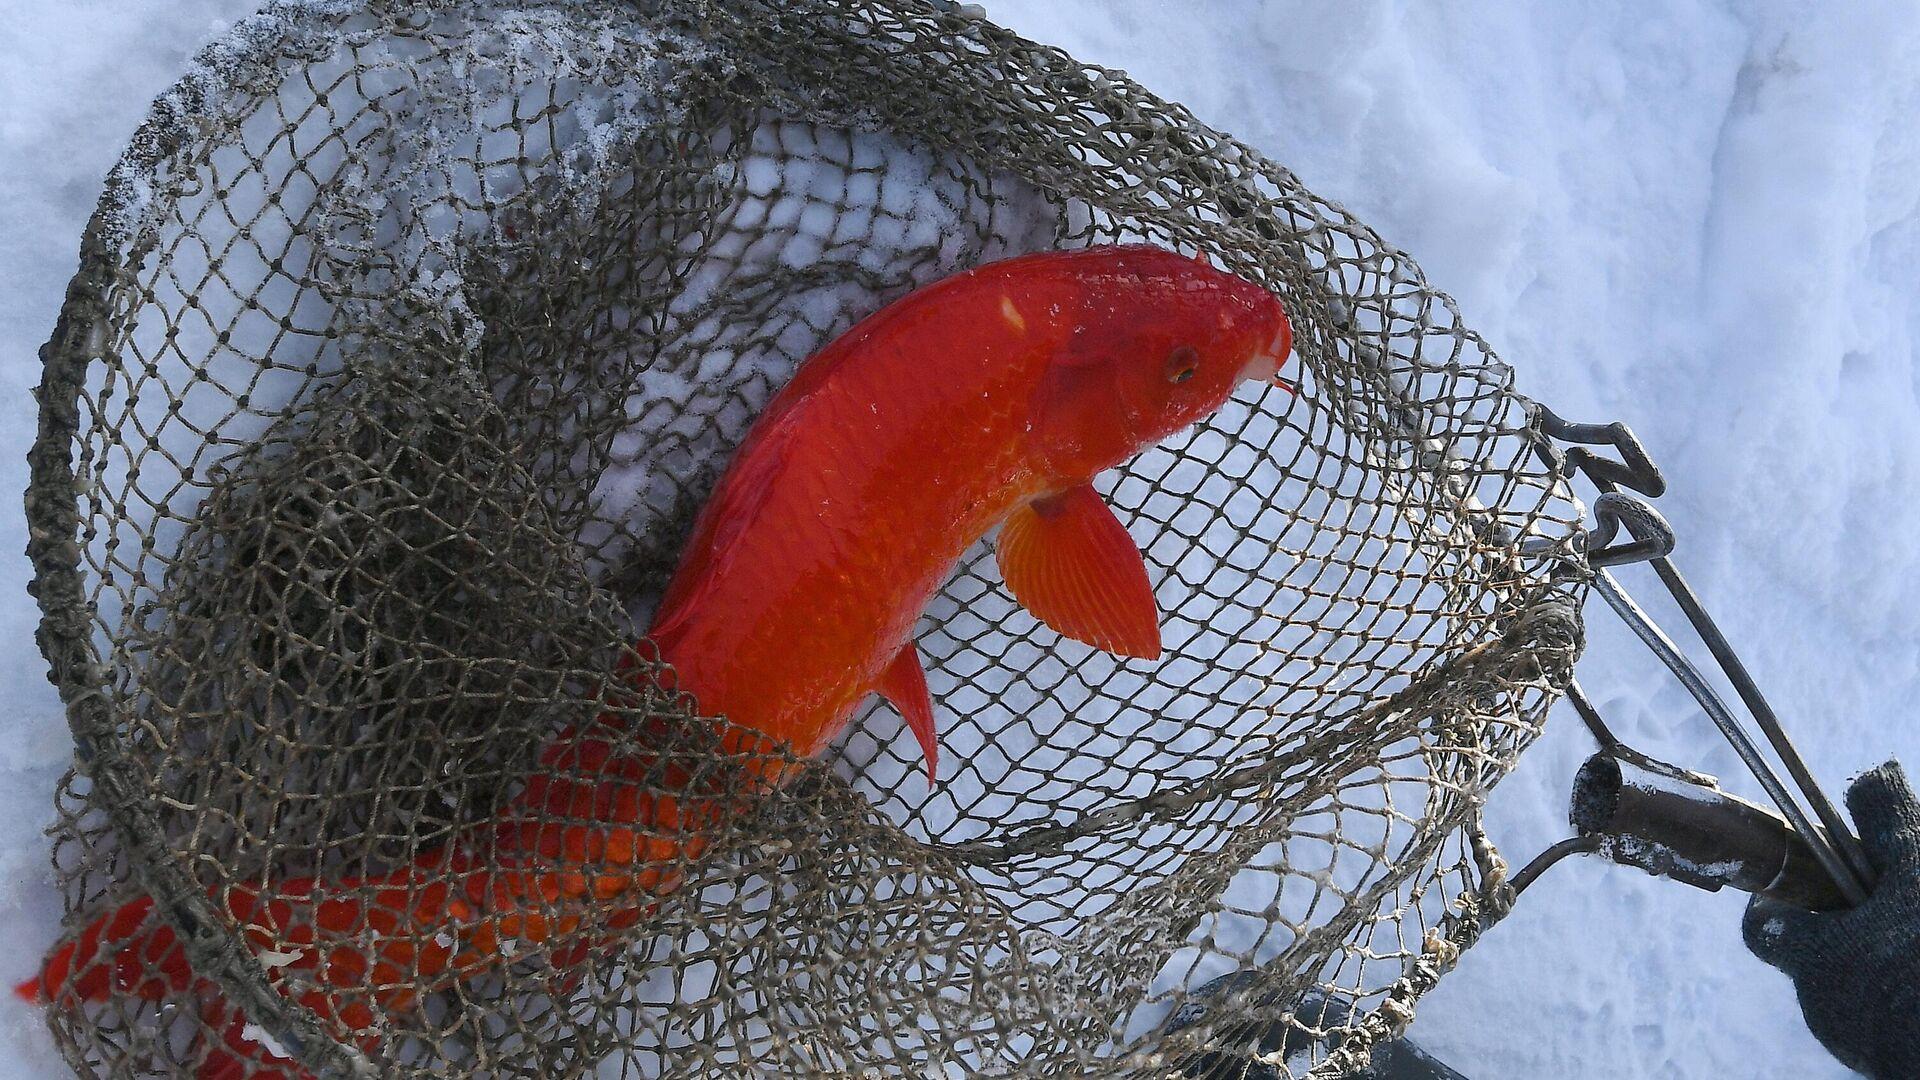 Красный японский карп кои породы огон на рыбной ферме - РИА Новости, 1920, 17.06.2021